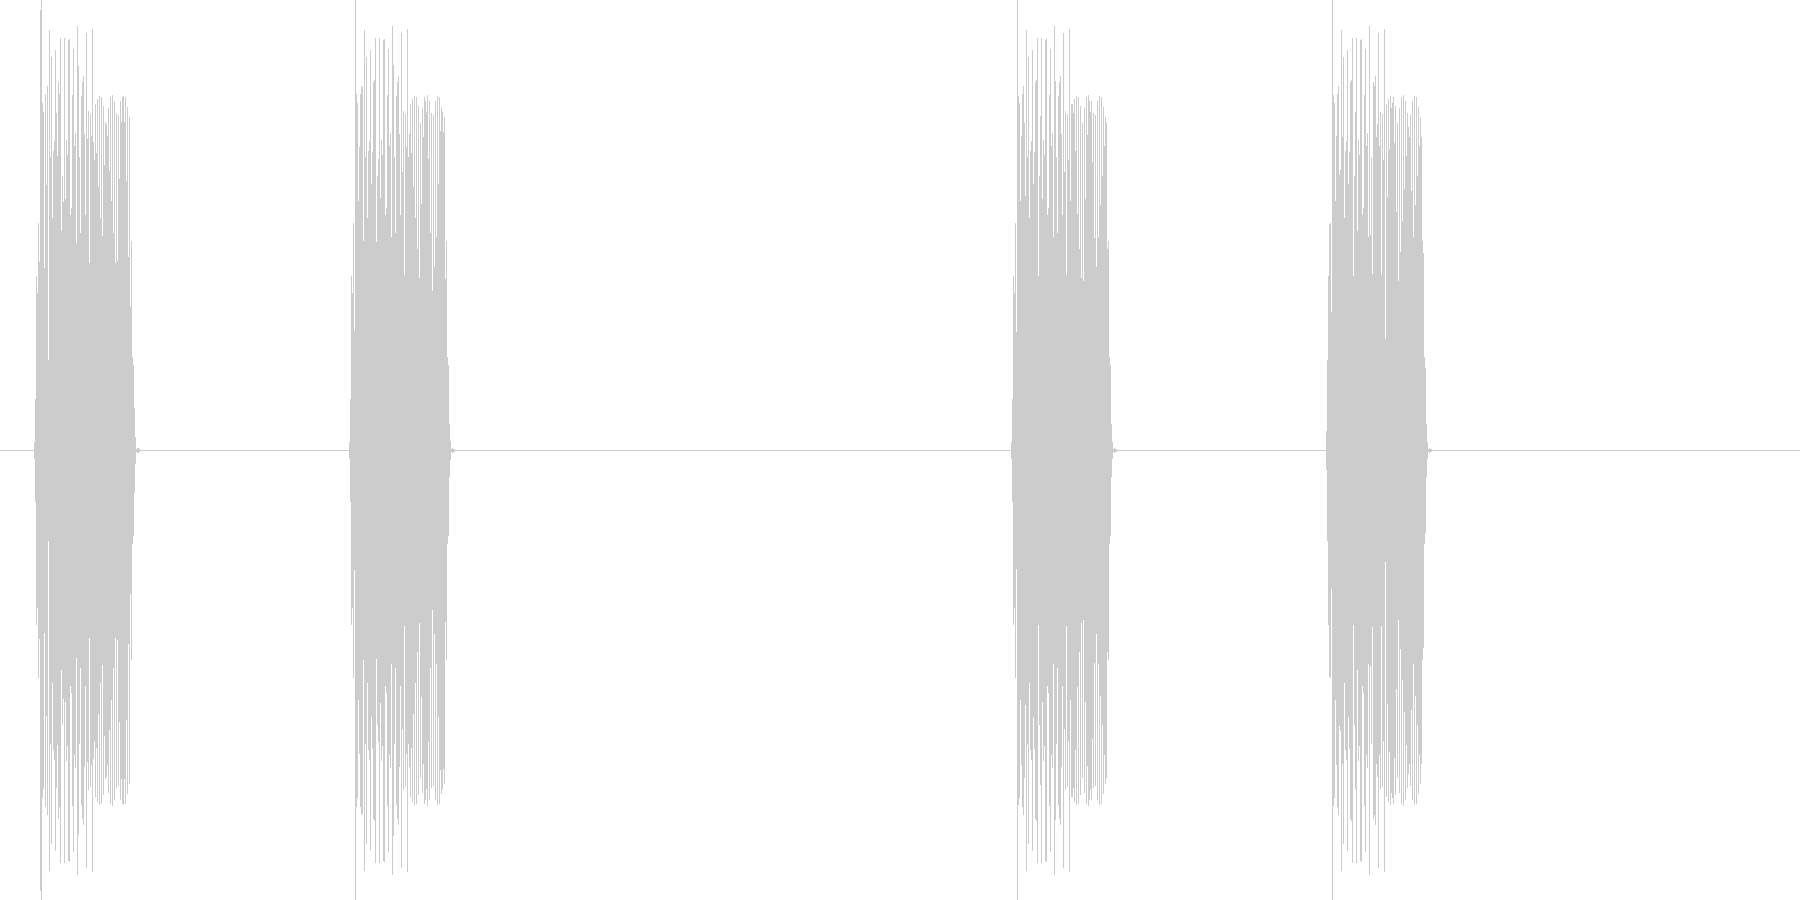 速報(ピッピ、ピッピ)の未再生の波形